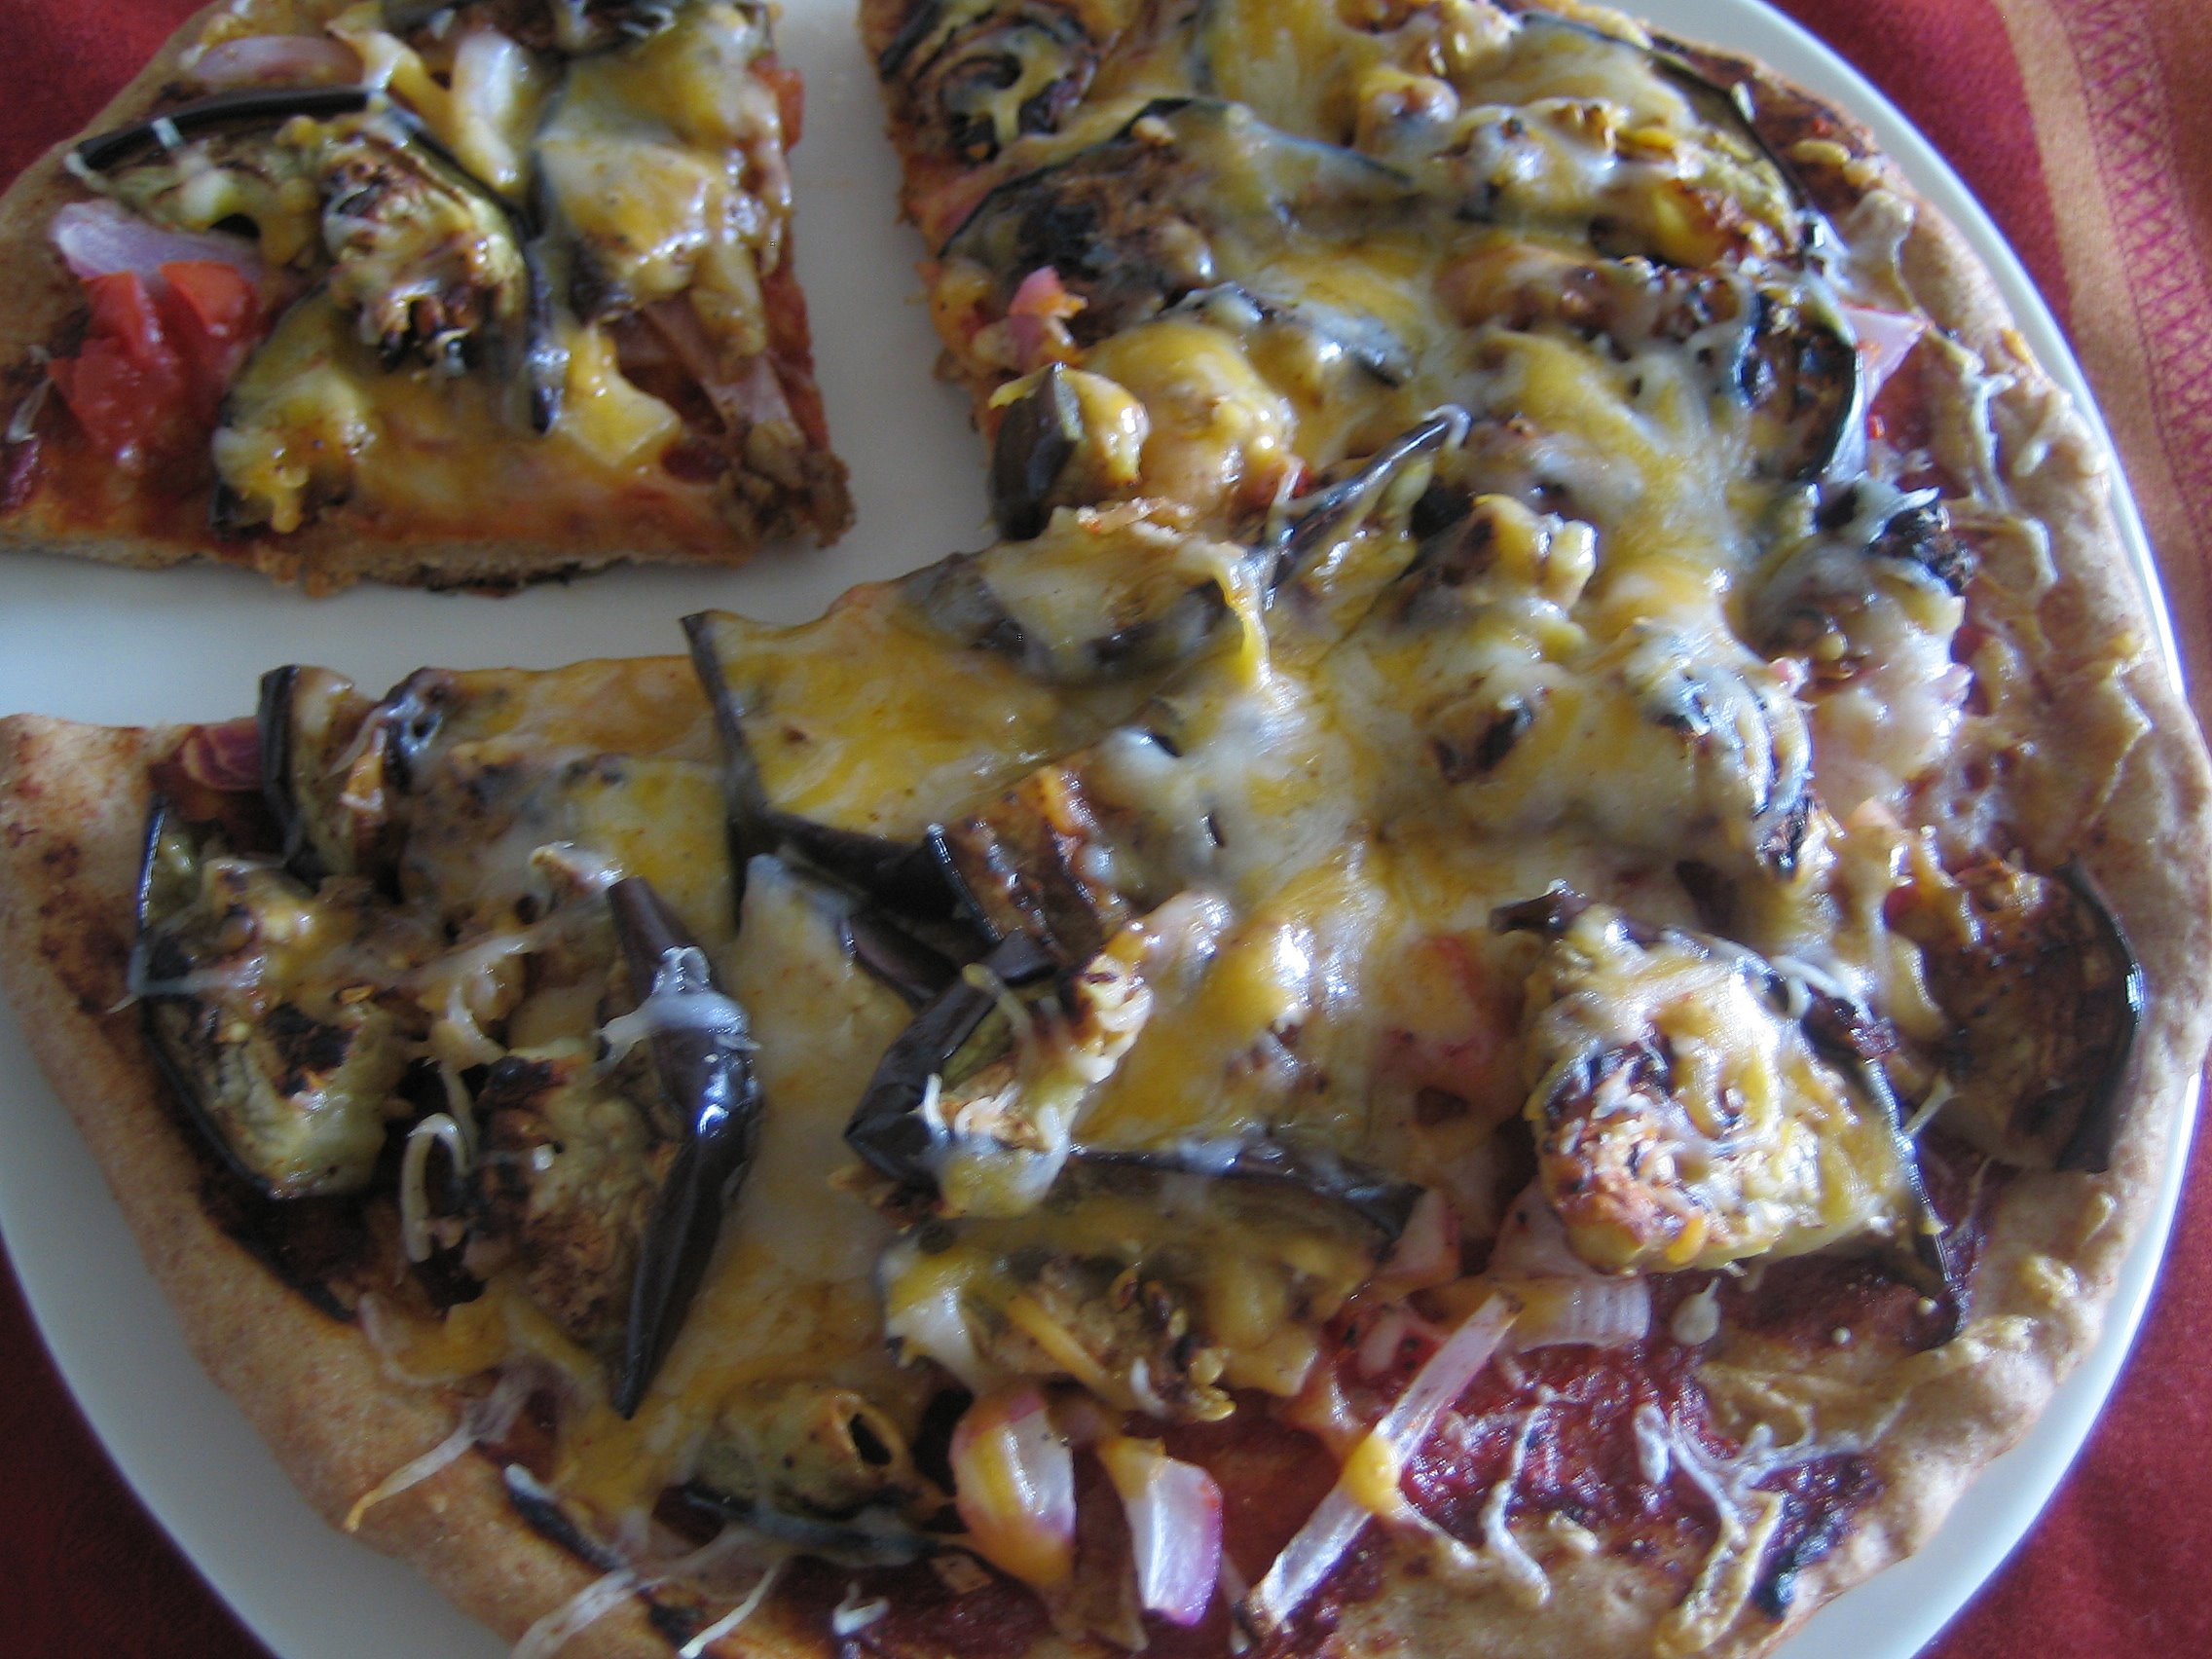 Eggplant pizza